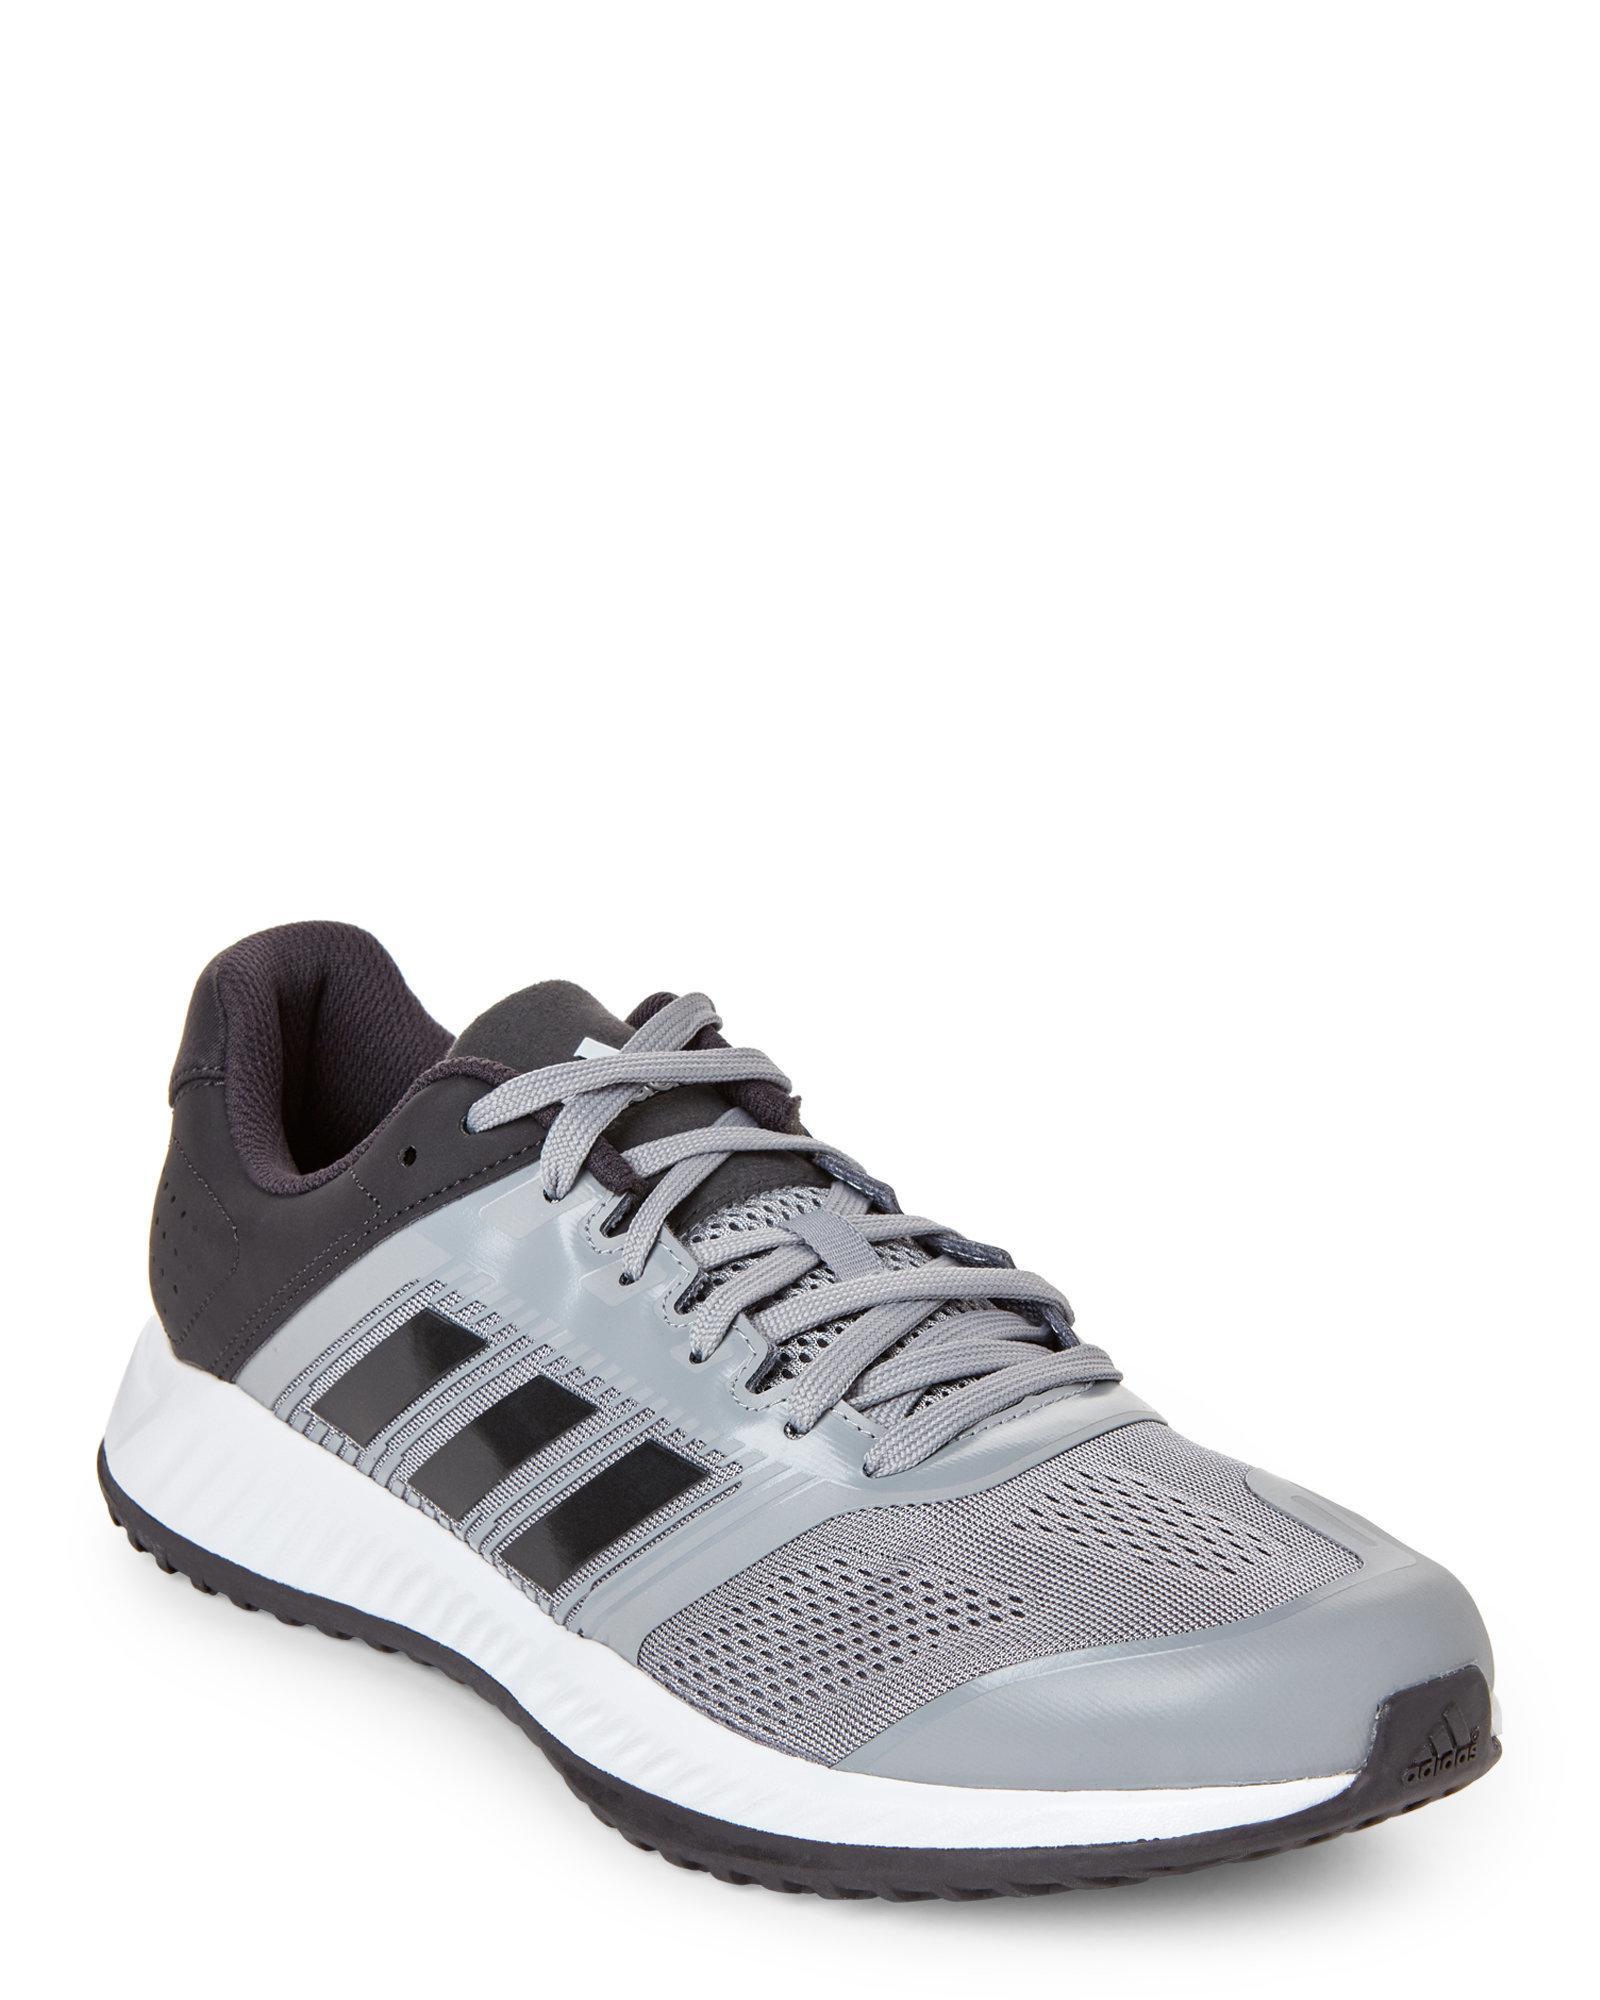 lyst adidas grey zg formazione scarpe in grigio per gli uomini.